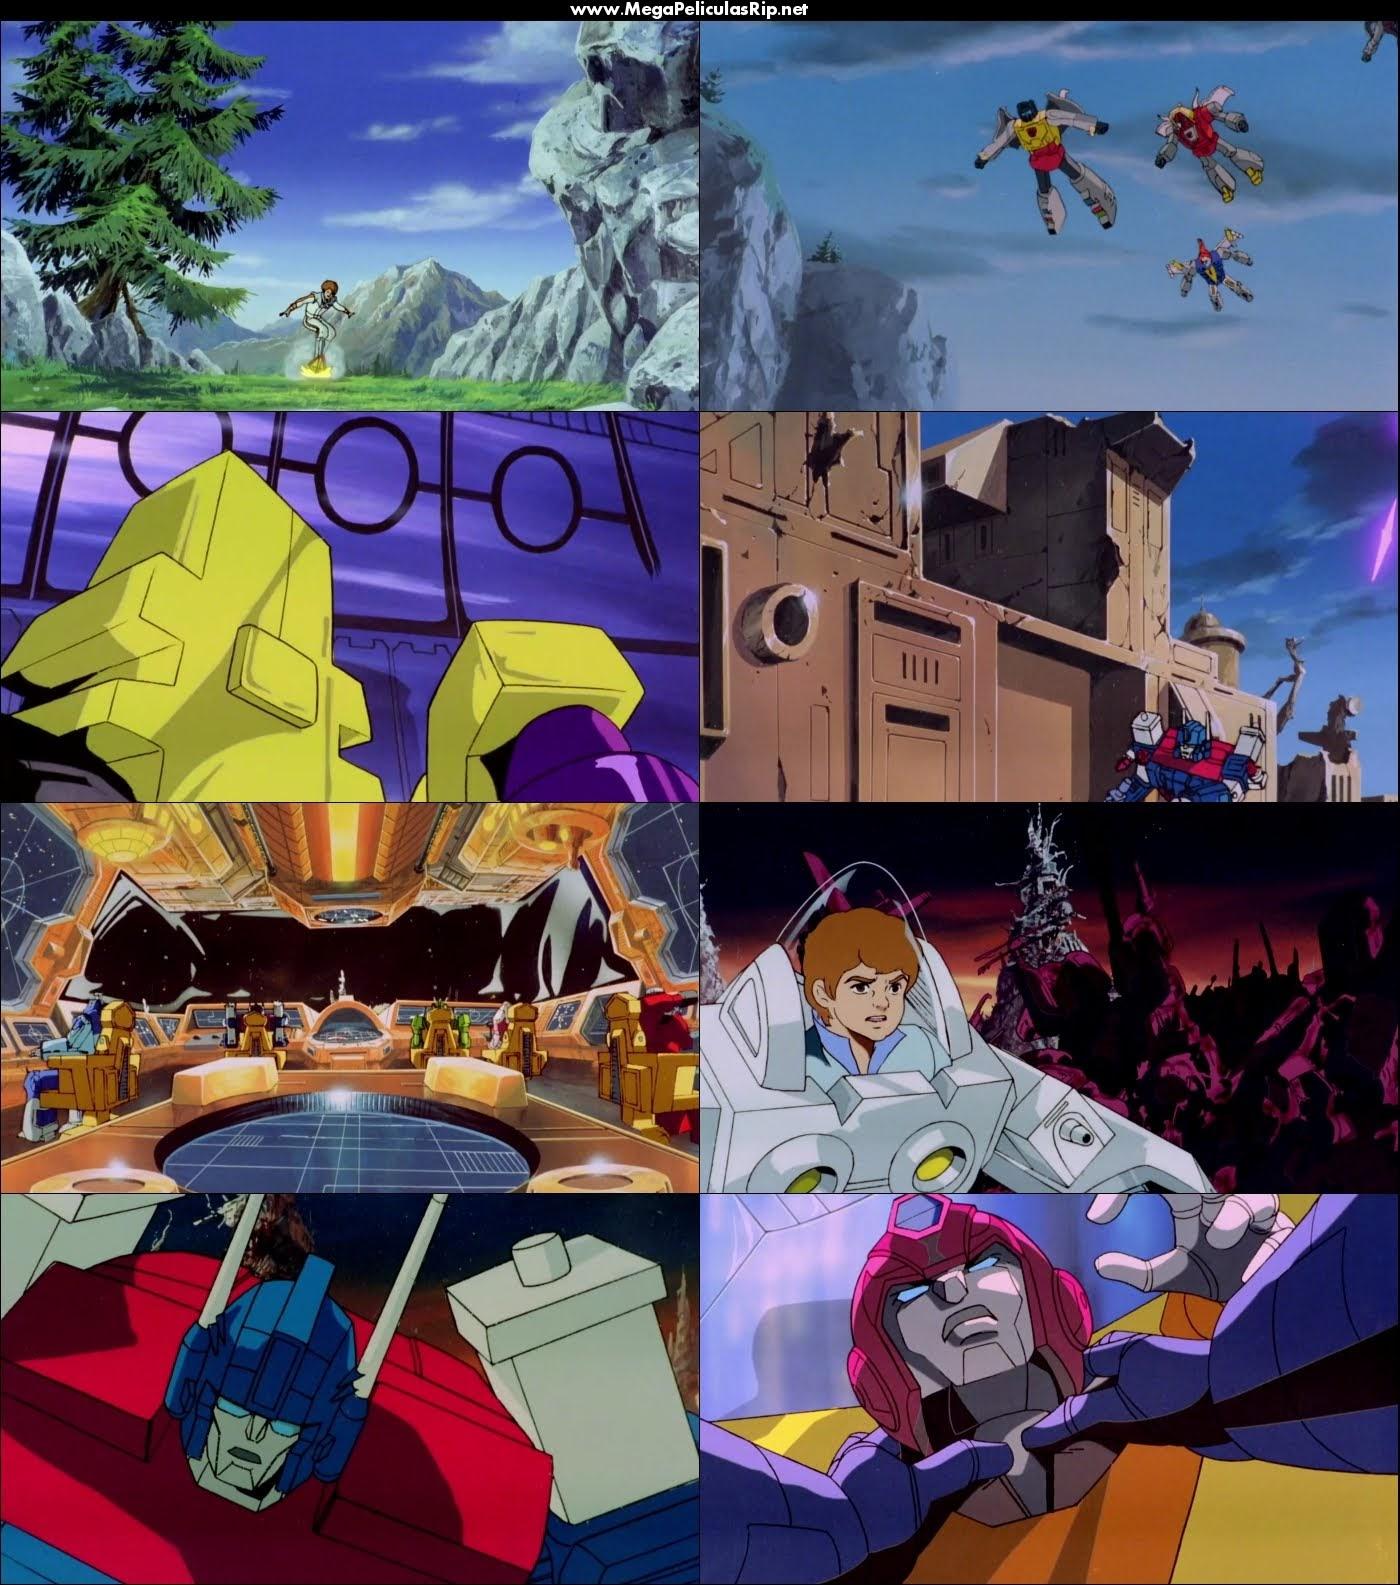 Transformers La Pelicula 1080p Latino